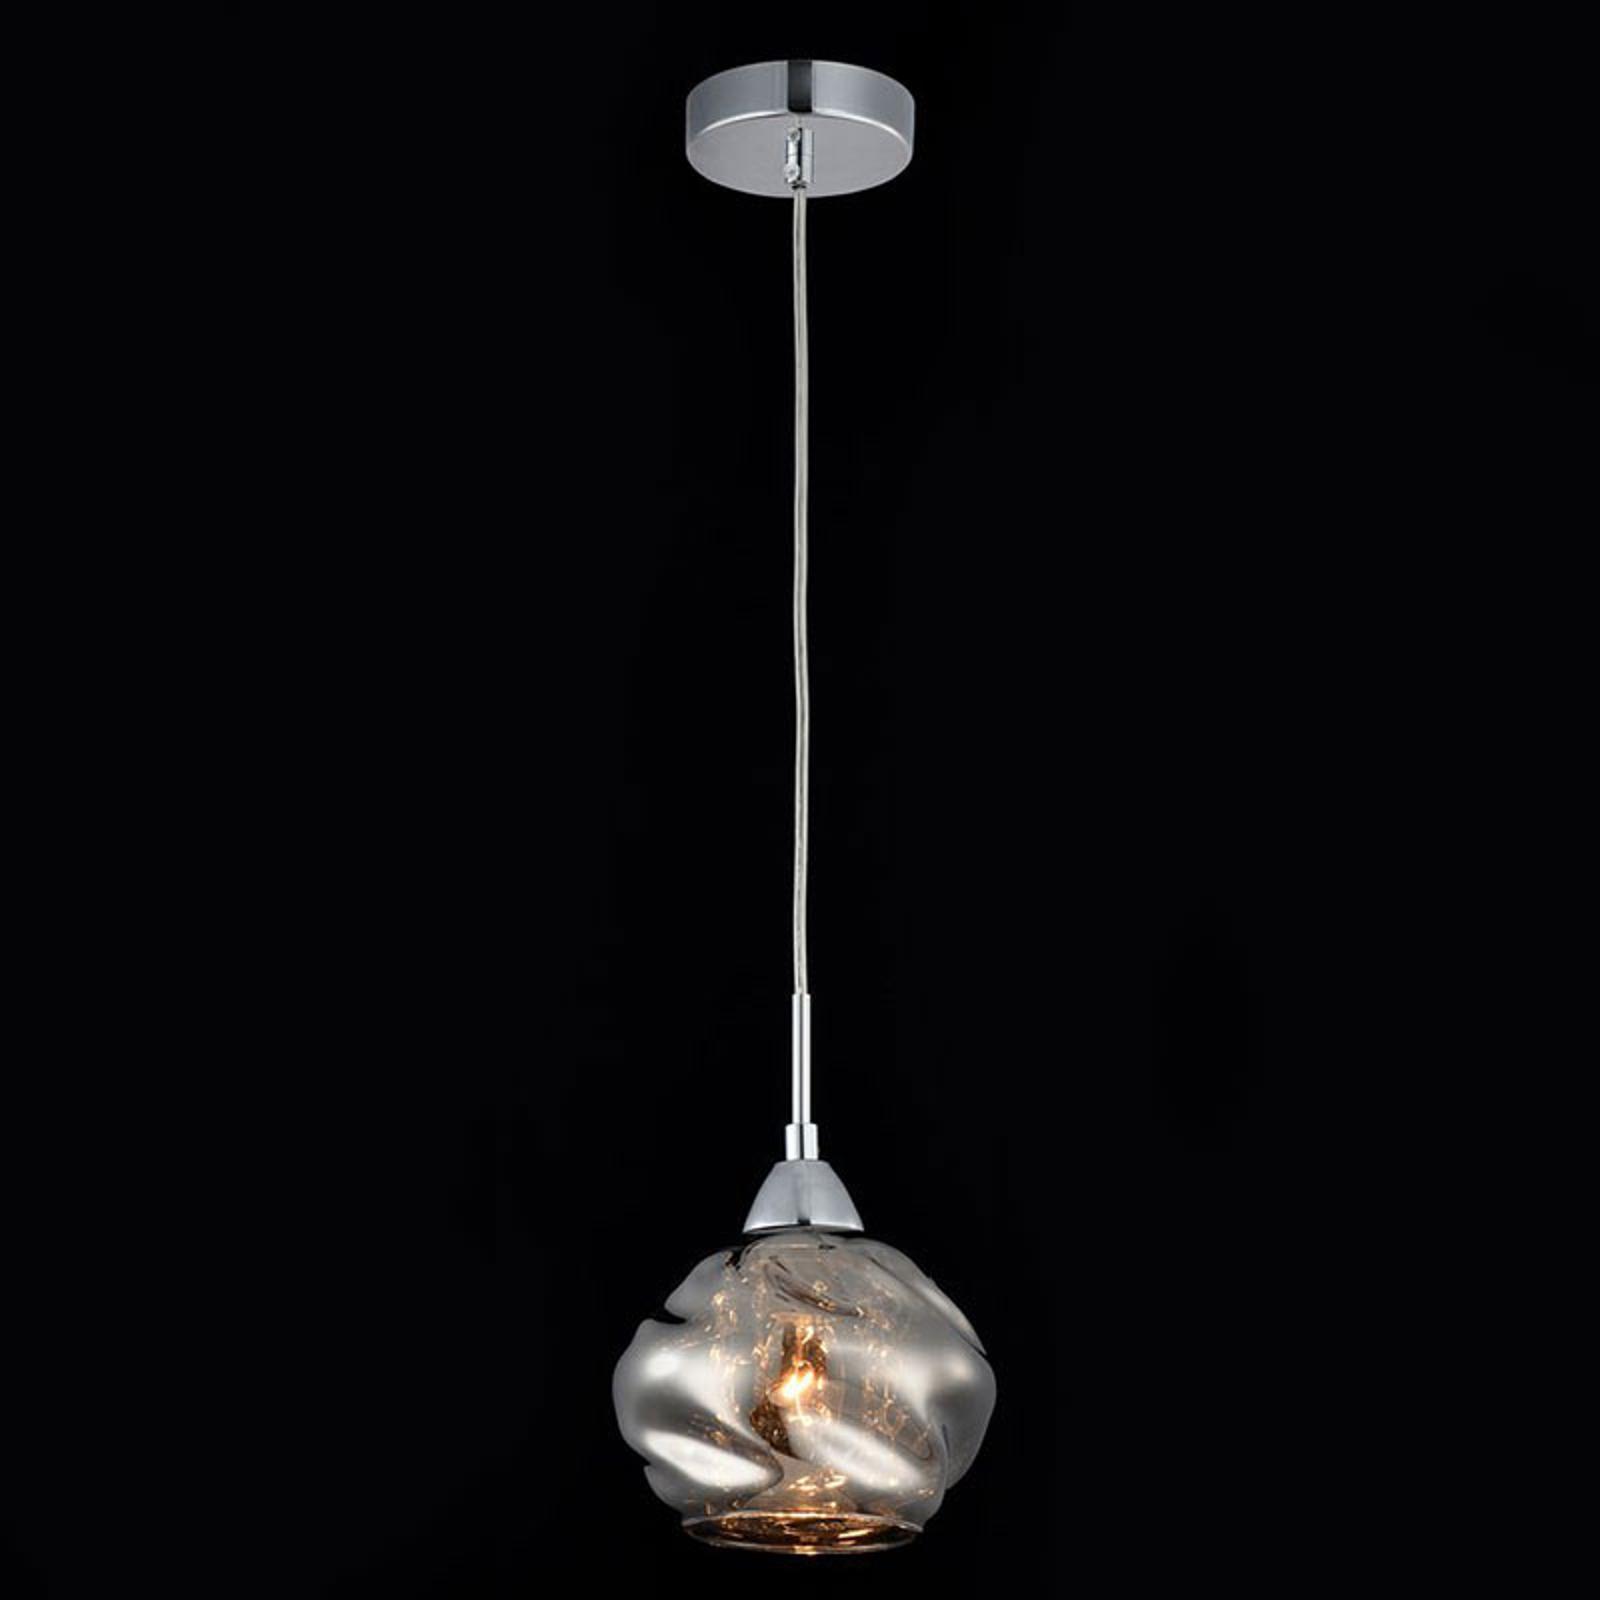 Szara szklana lampa wisząca Haze z kryształami